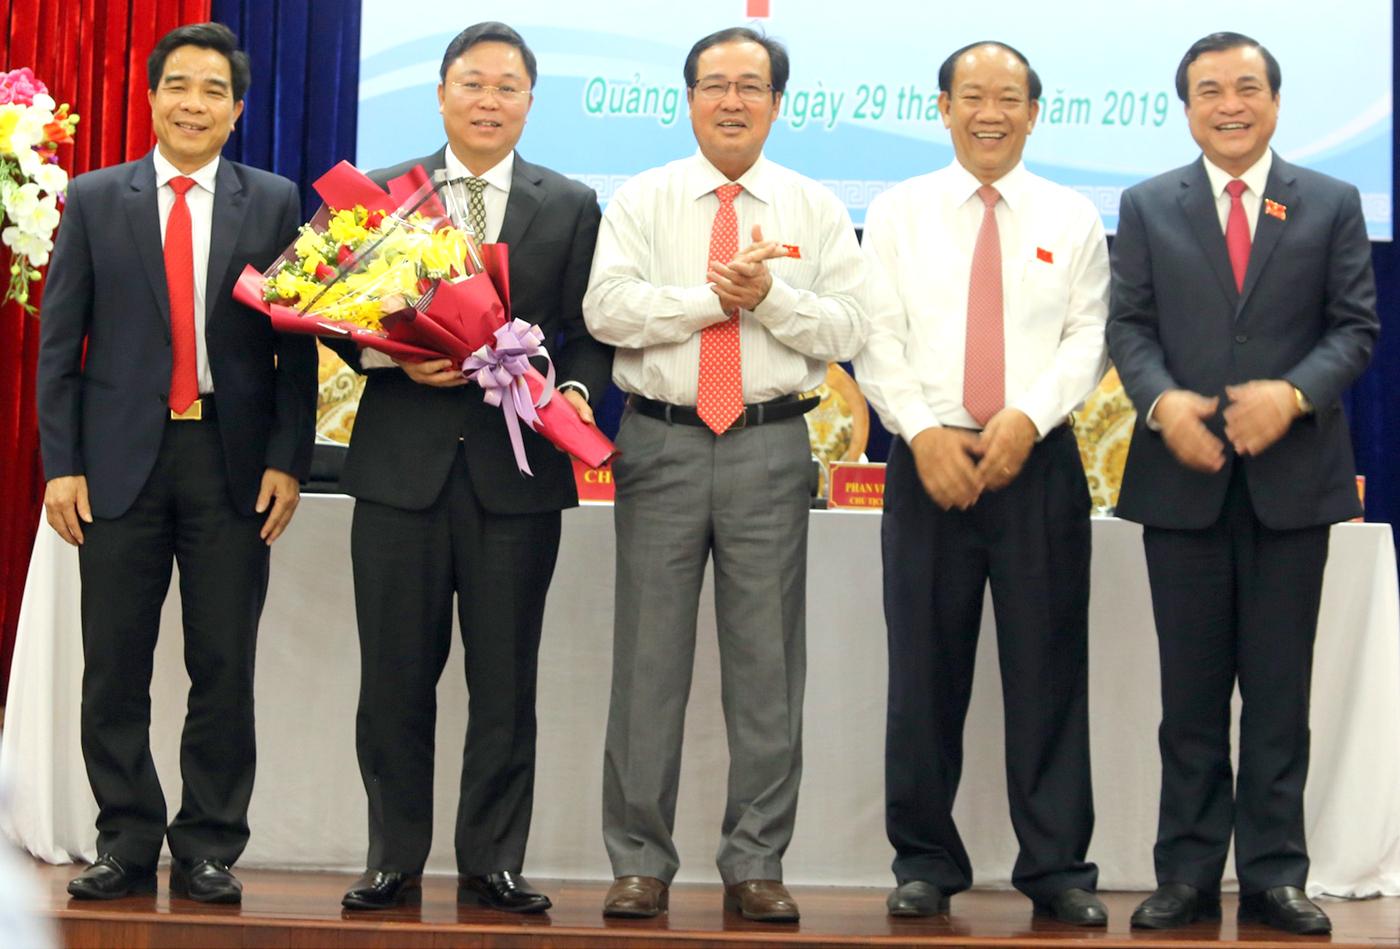 Đồng chí Lê Trí Thanh được bầu giữ chức Chủ tịch UBND tỉnh Quảng Nam